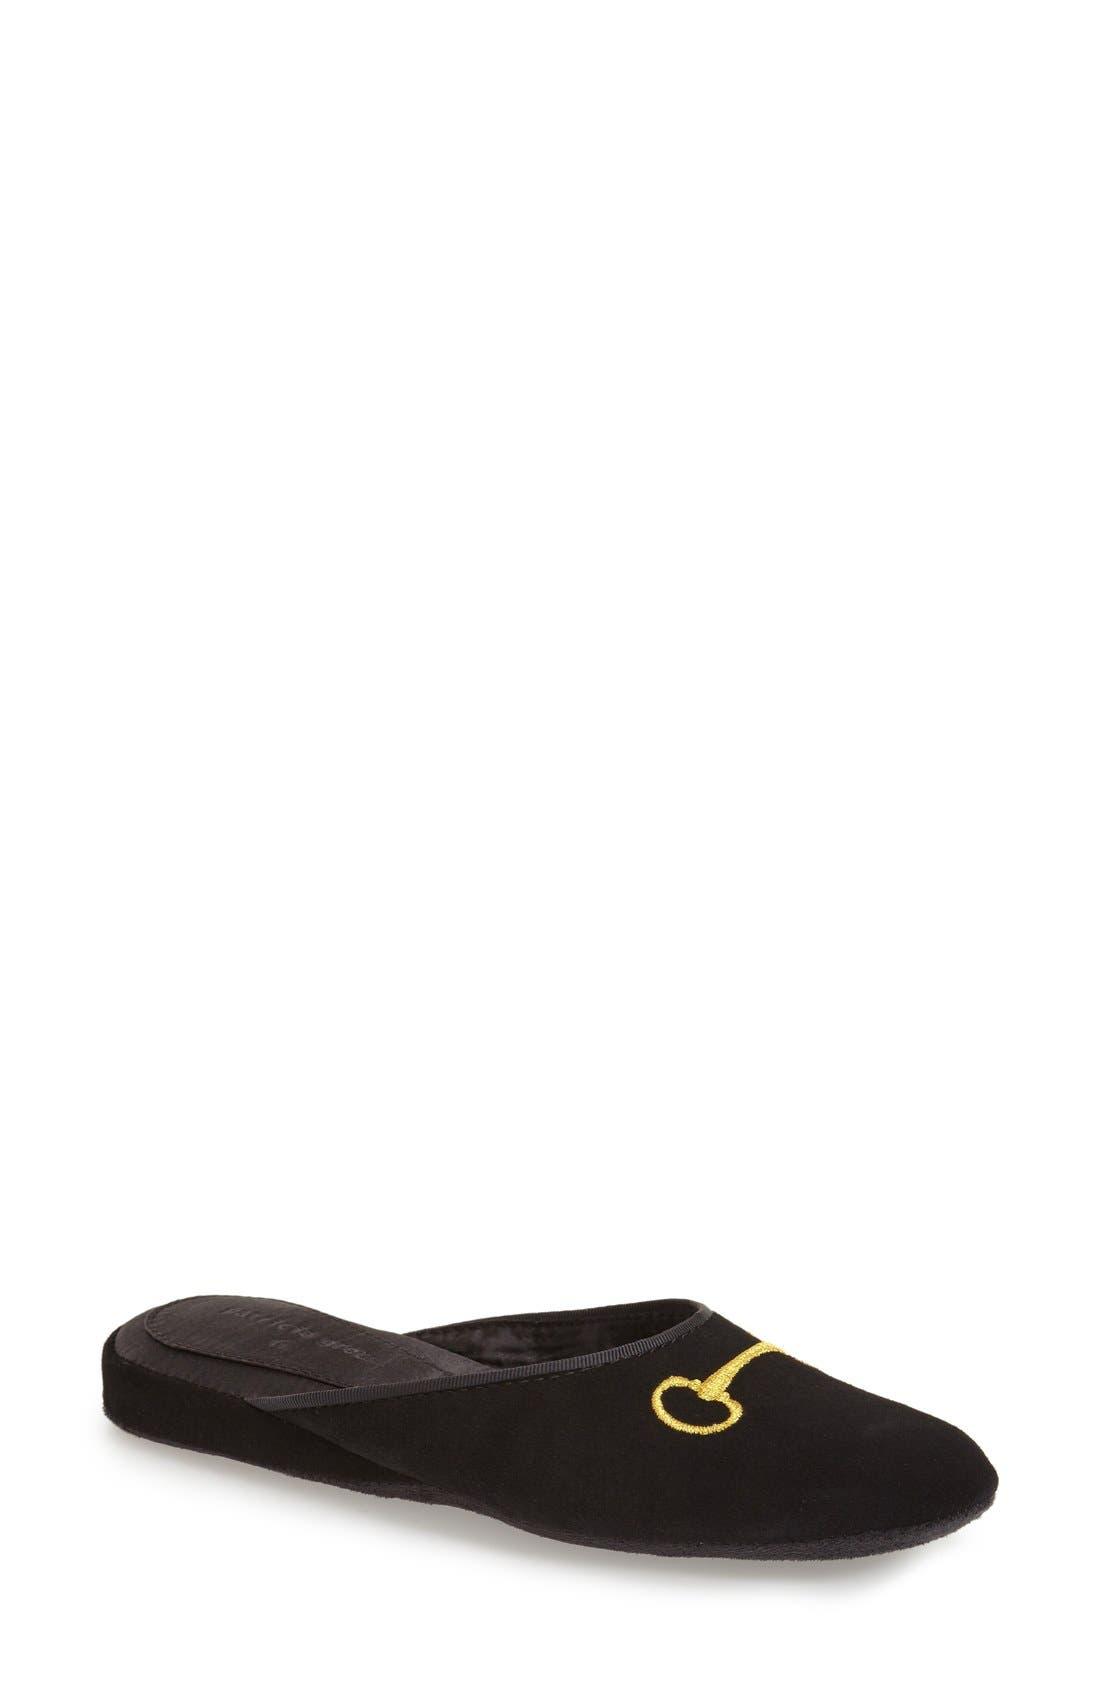 'Milano' Bit Embroidered Slipper,                         Main,                         color, BLACK